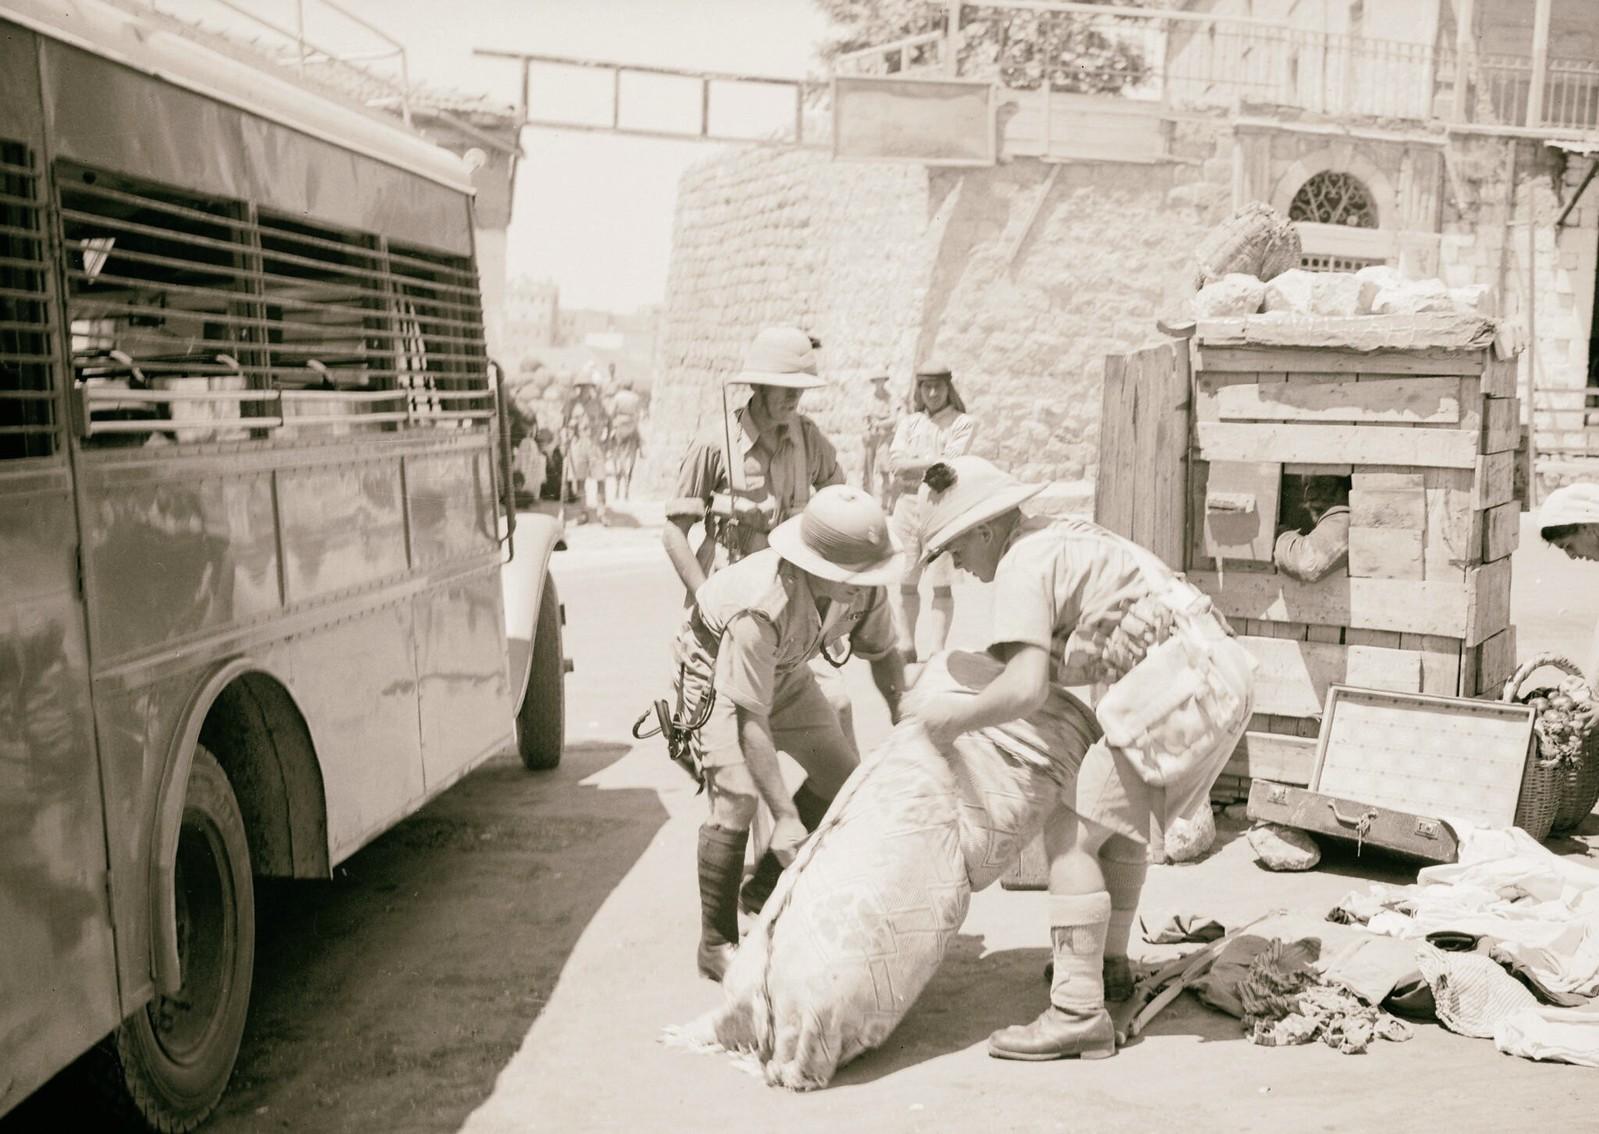 13. 1938. Полиция конфисковывает вещи из автобуса в Хевроне